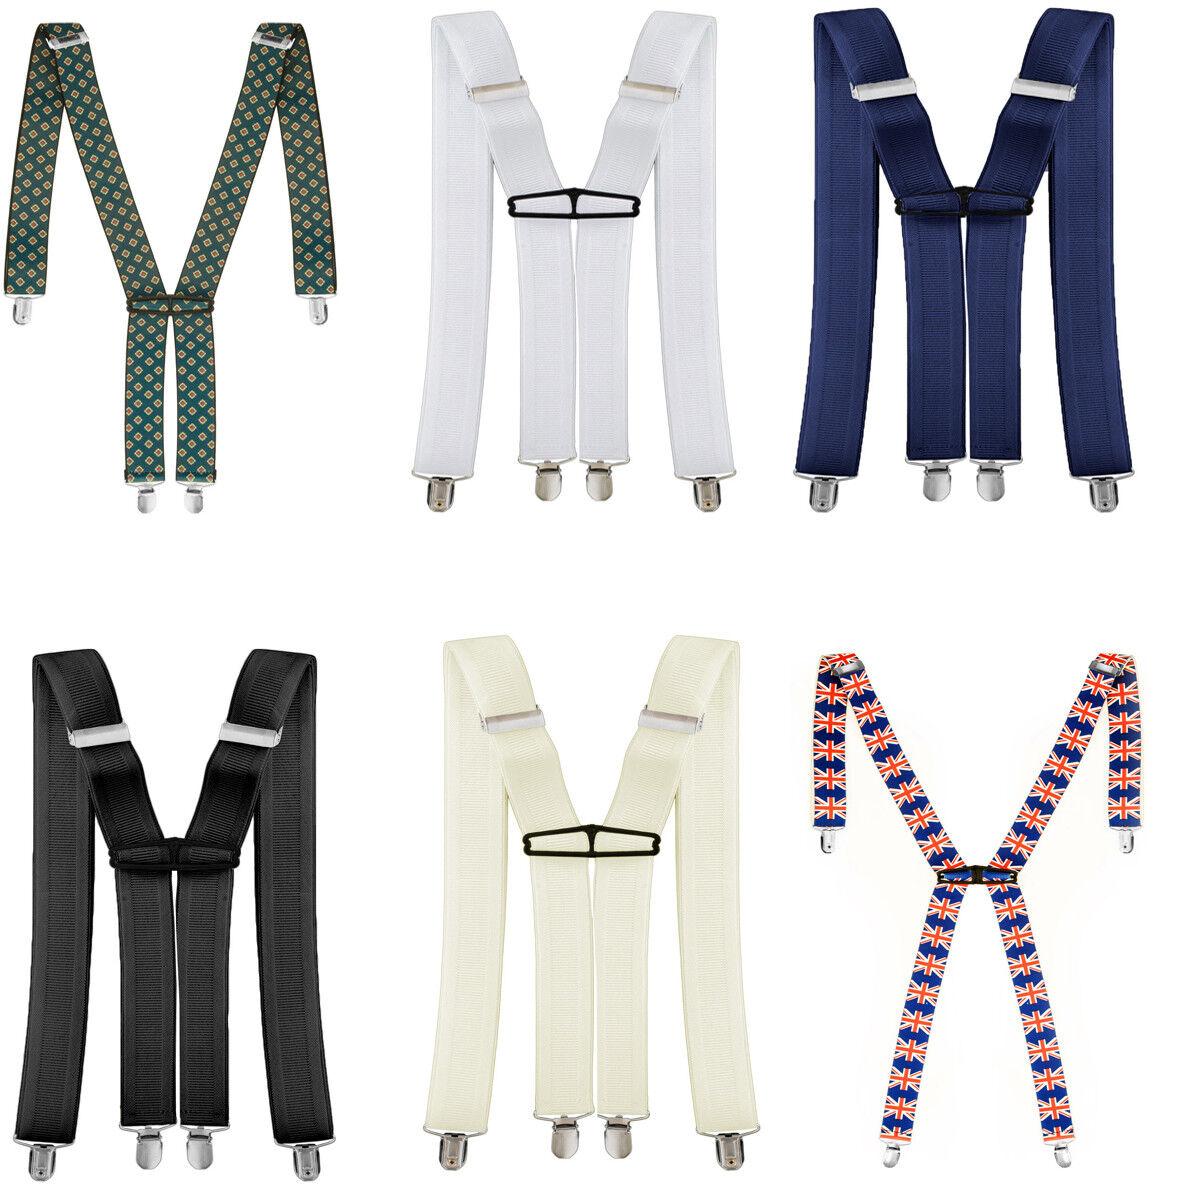 Verstellbarer Elastischer Hosenträger Herren Damen Unisex Hose X Rücken Strapse